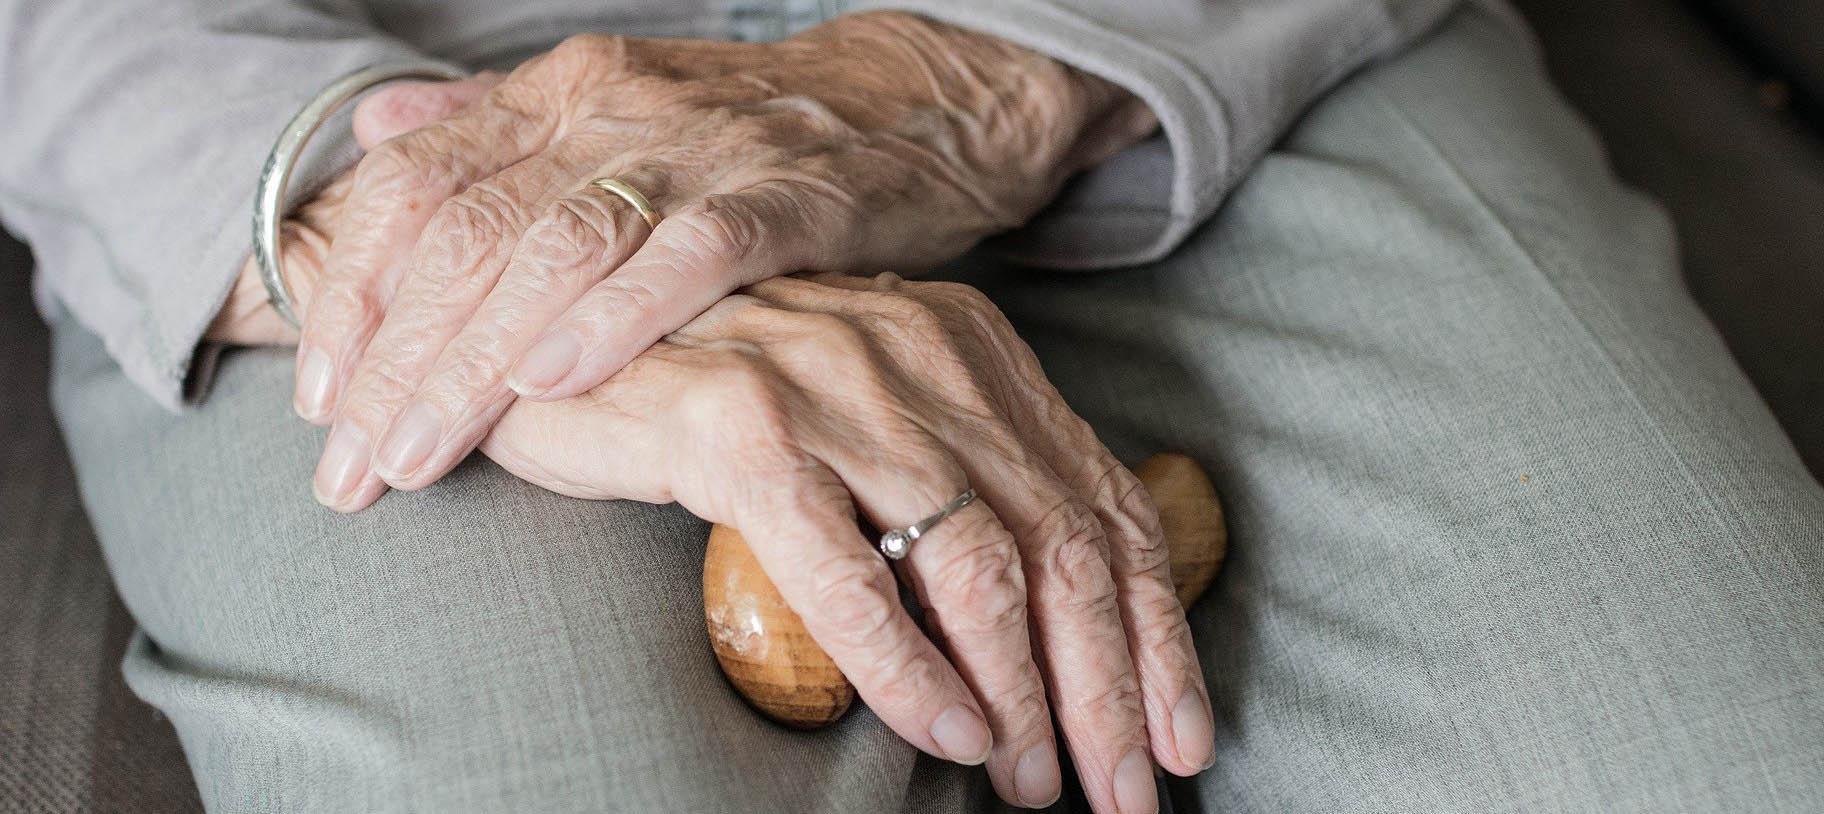 Los mayores son los que más están sufriendo la pandemia. Foto NG